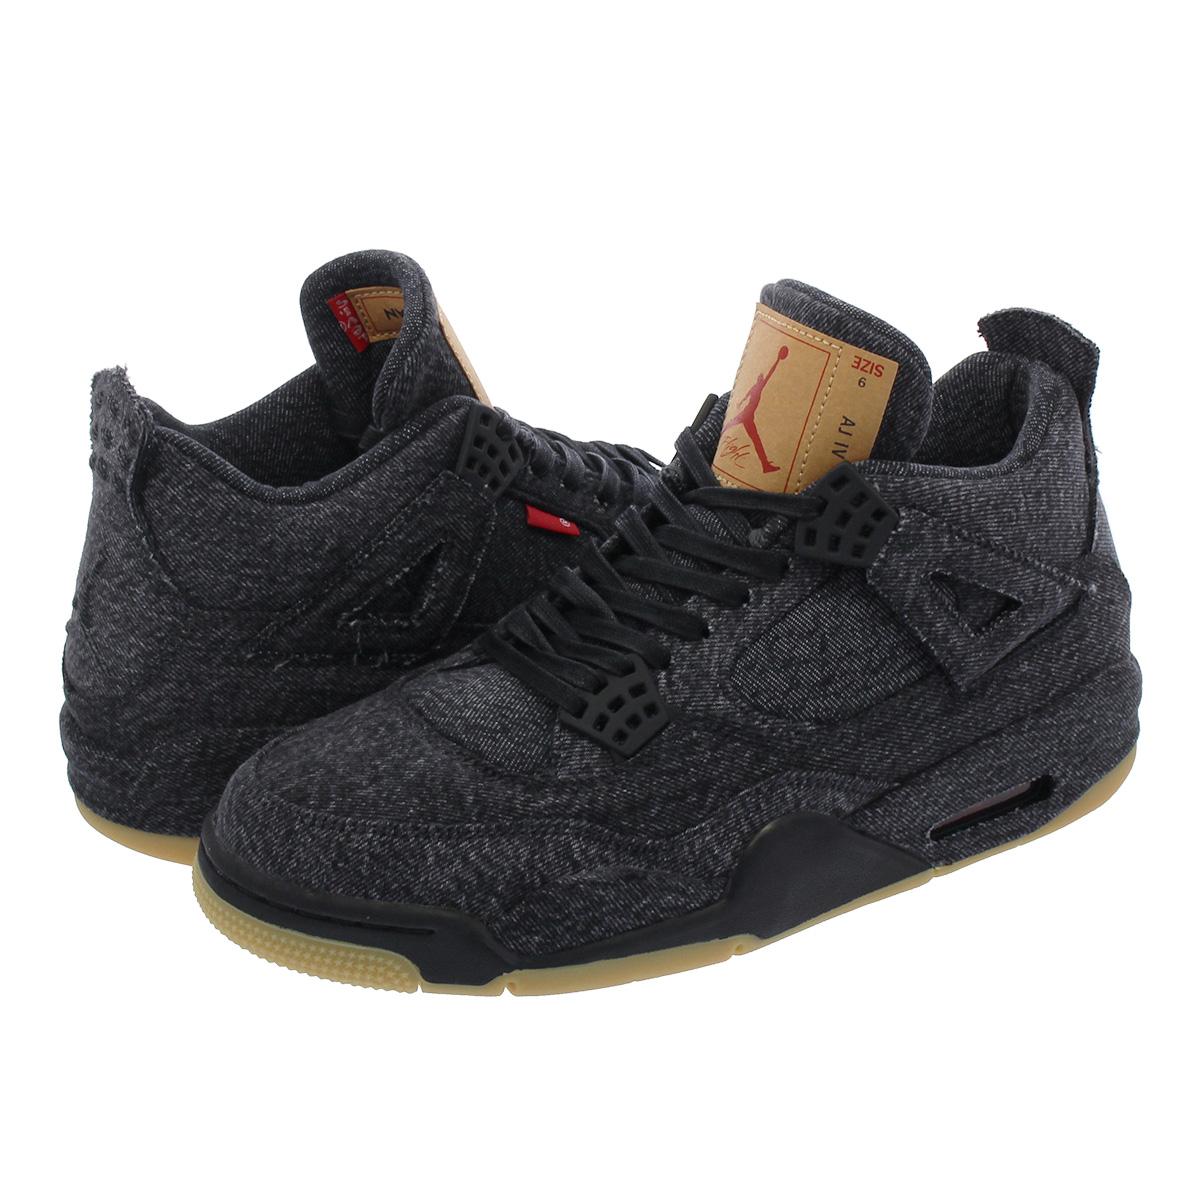 3e018e00967 NIKE AIR JORDAN 4 RETRO Nike air Jordan 4 nostalgic NRG Levis BLACK/BLACK  ao2571-001